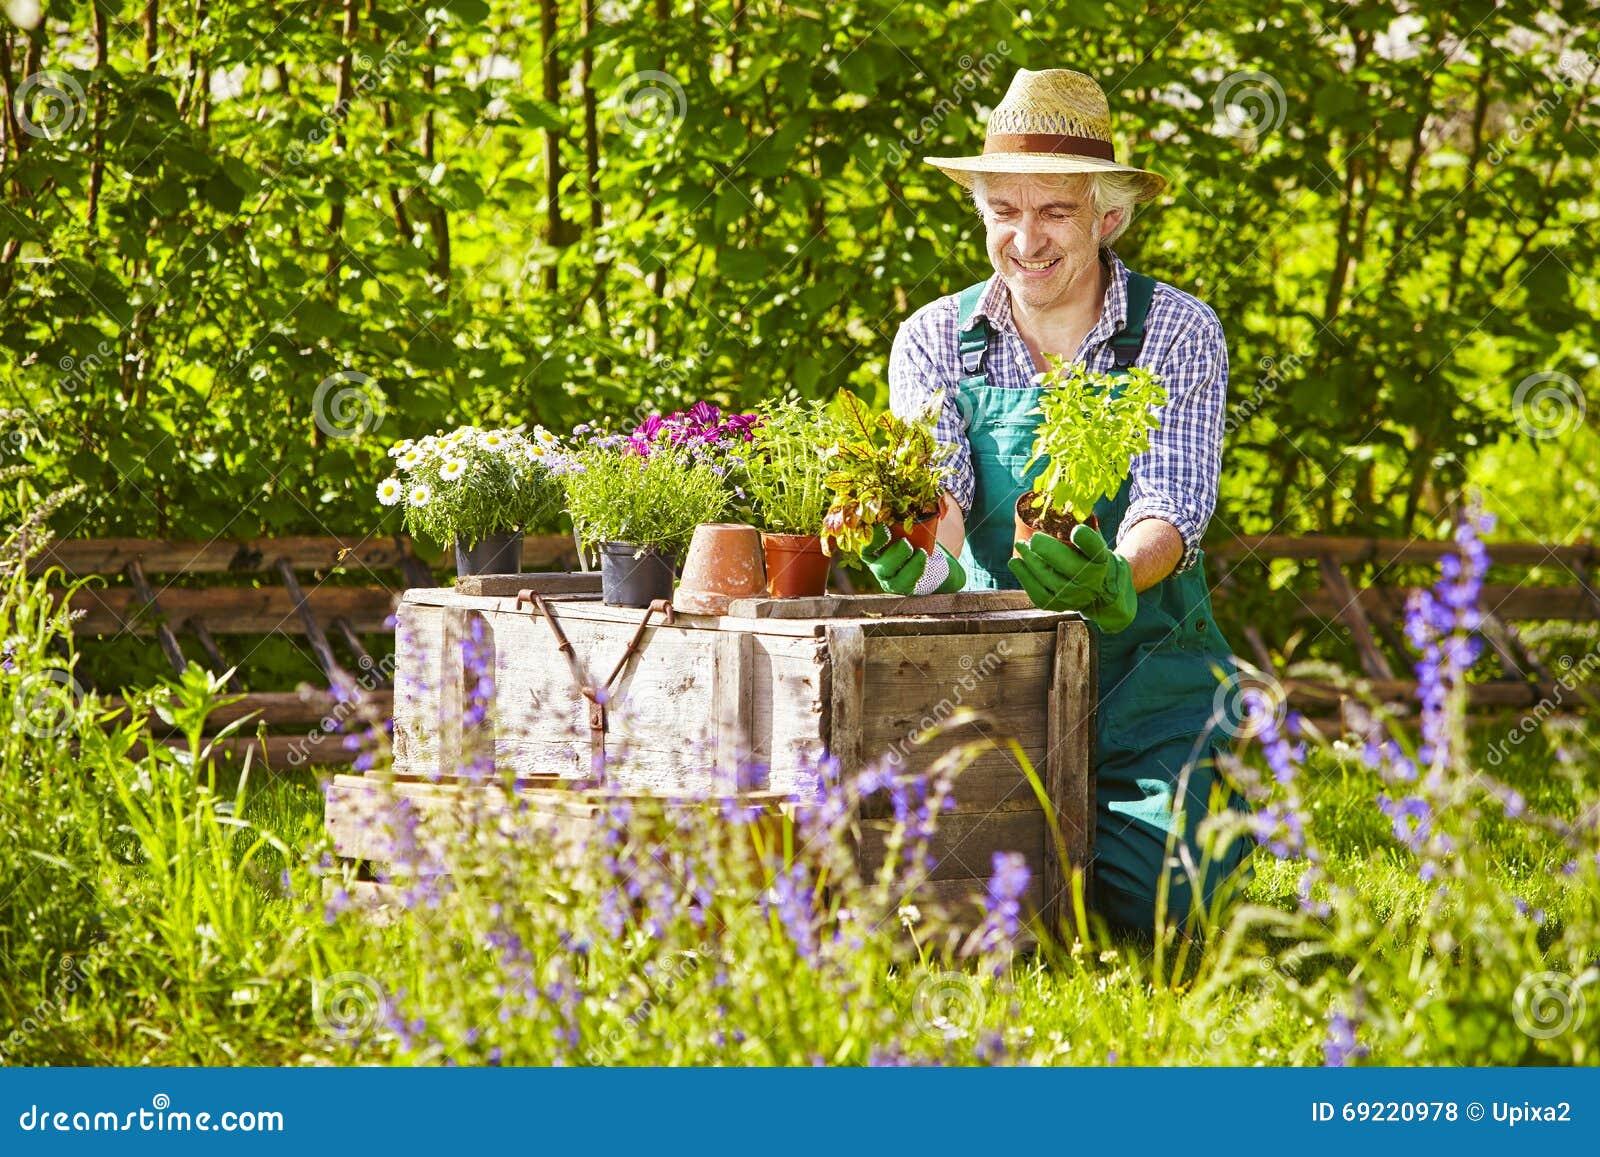 le chapeau de paille de jardinier plante le jardin photo